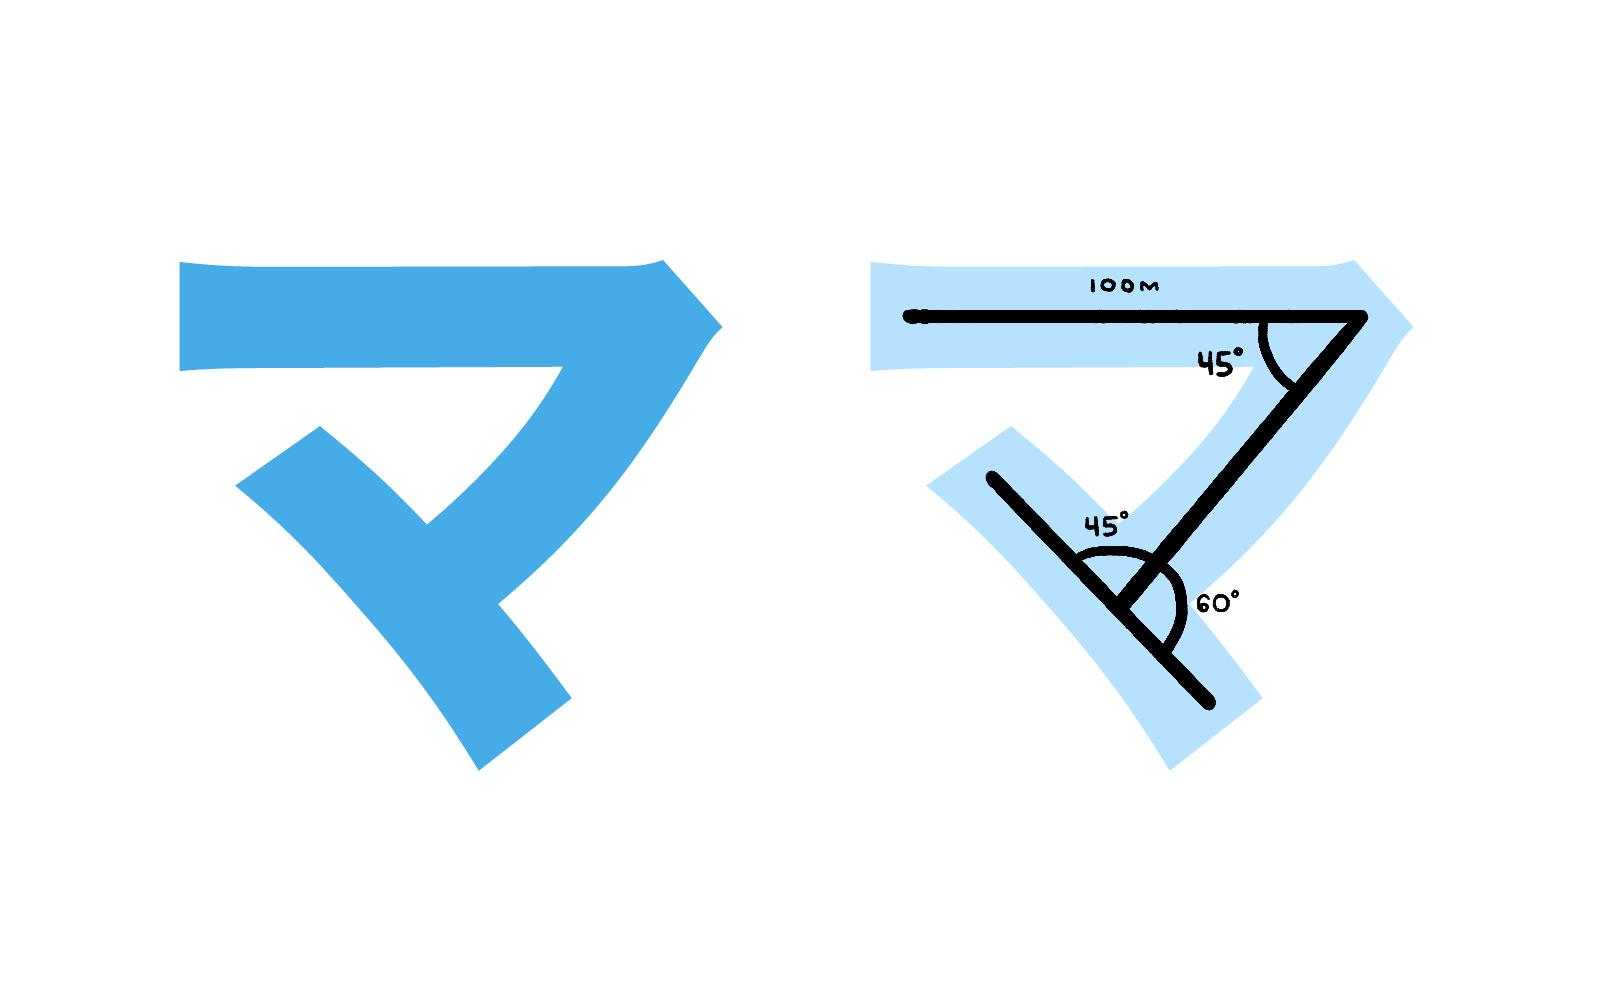 Katakana character マ mnemonic